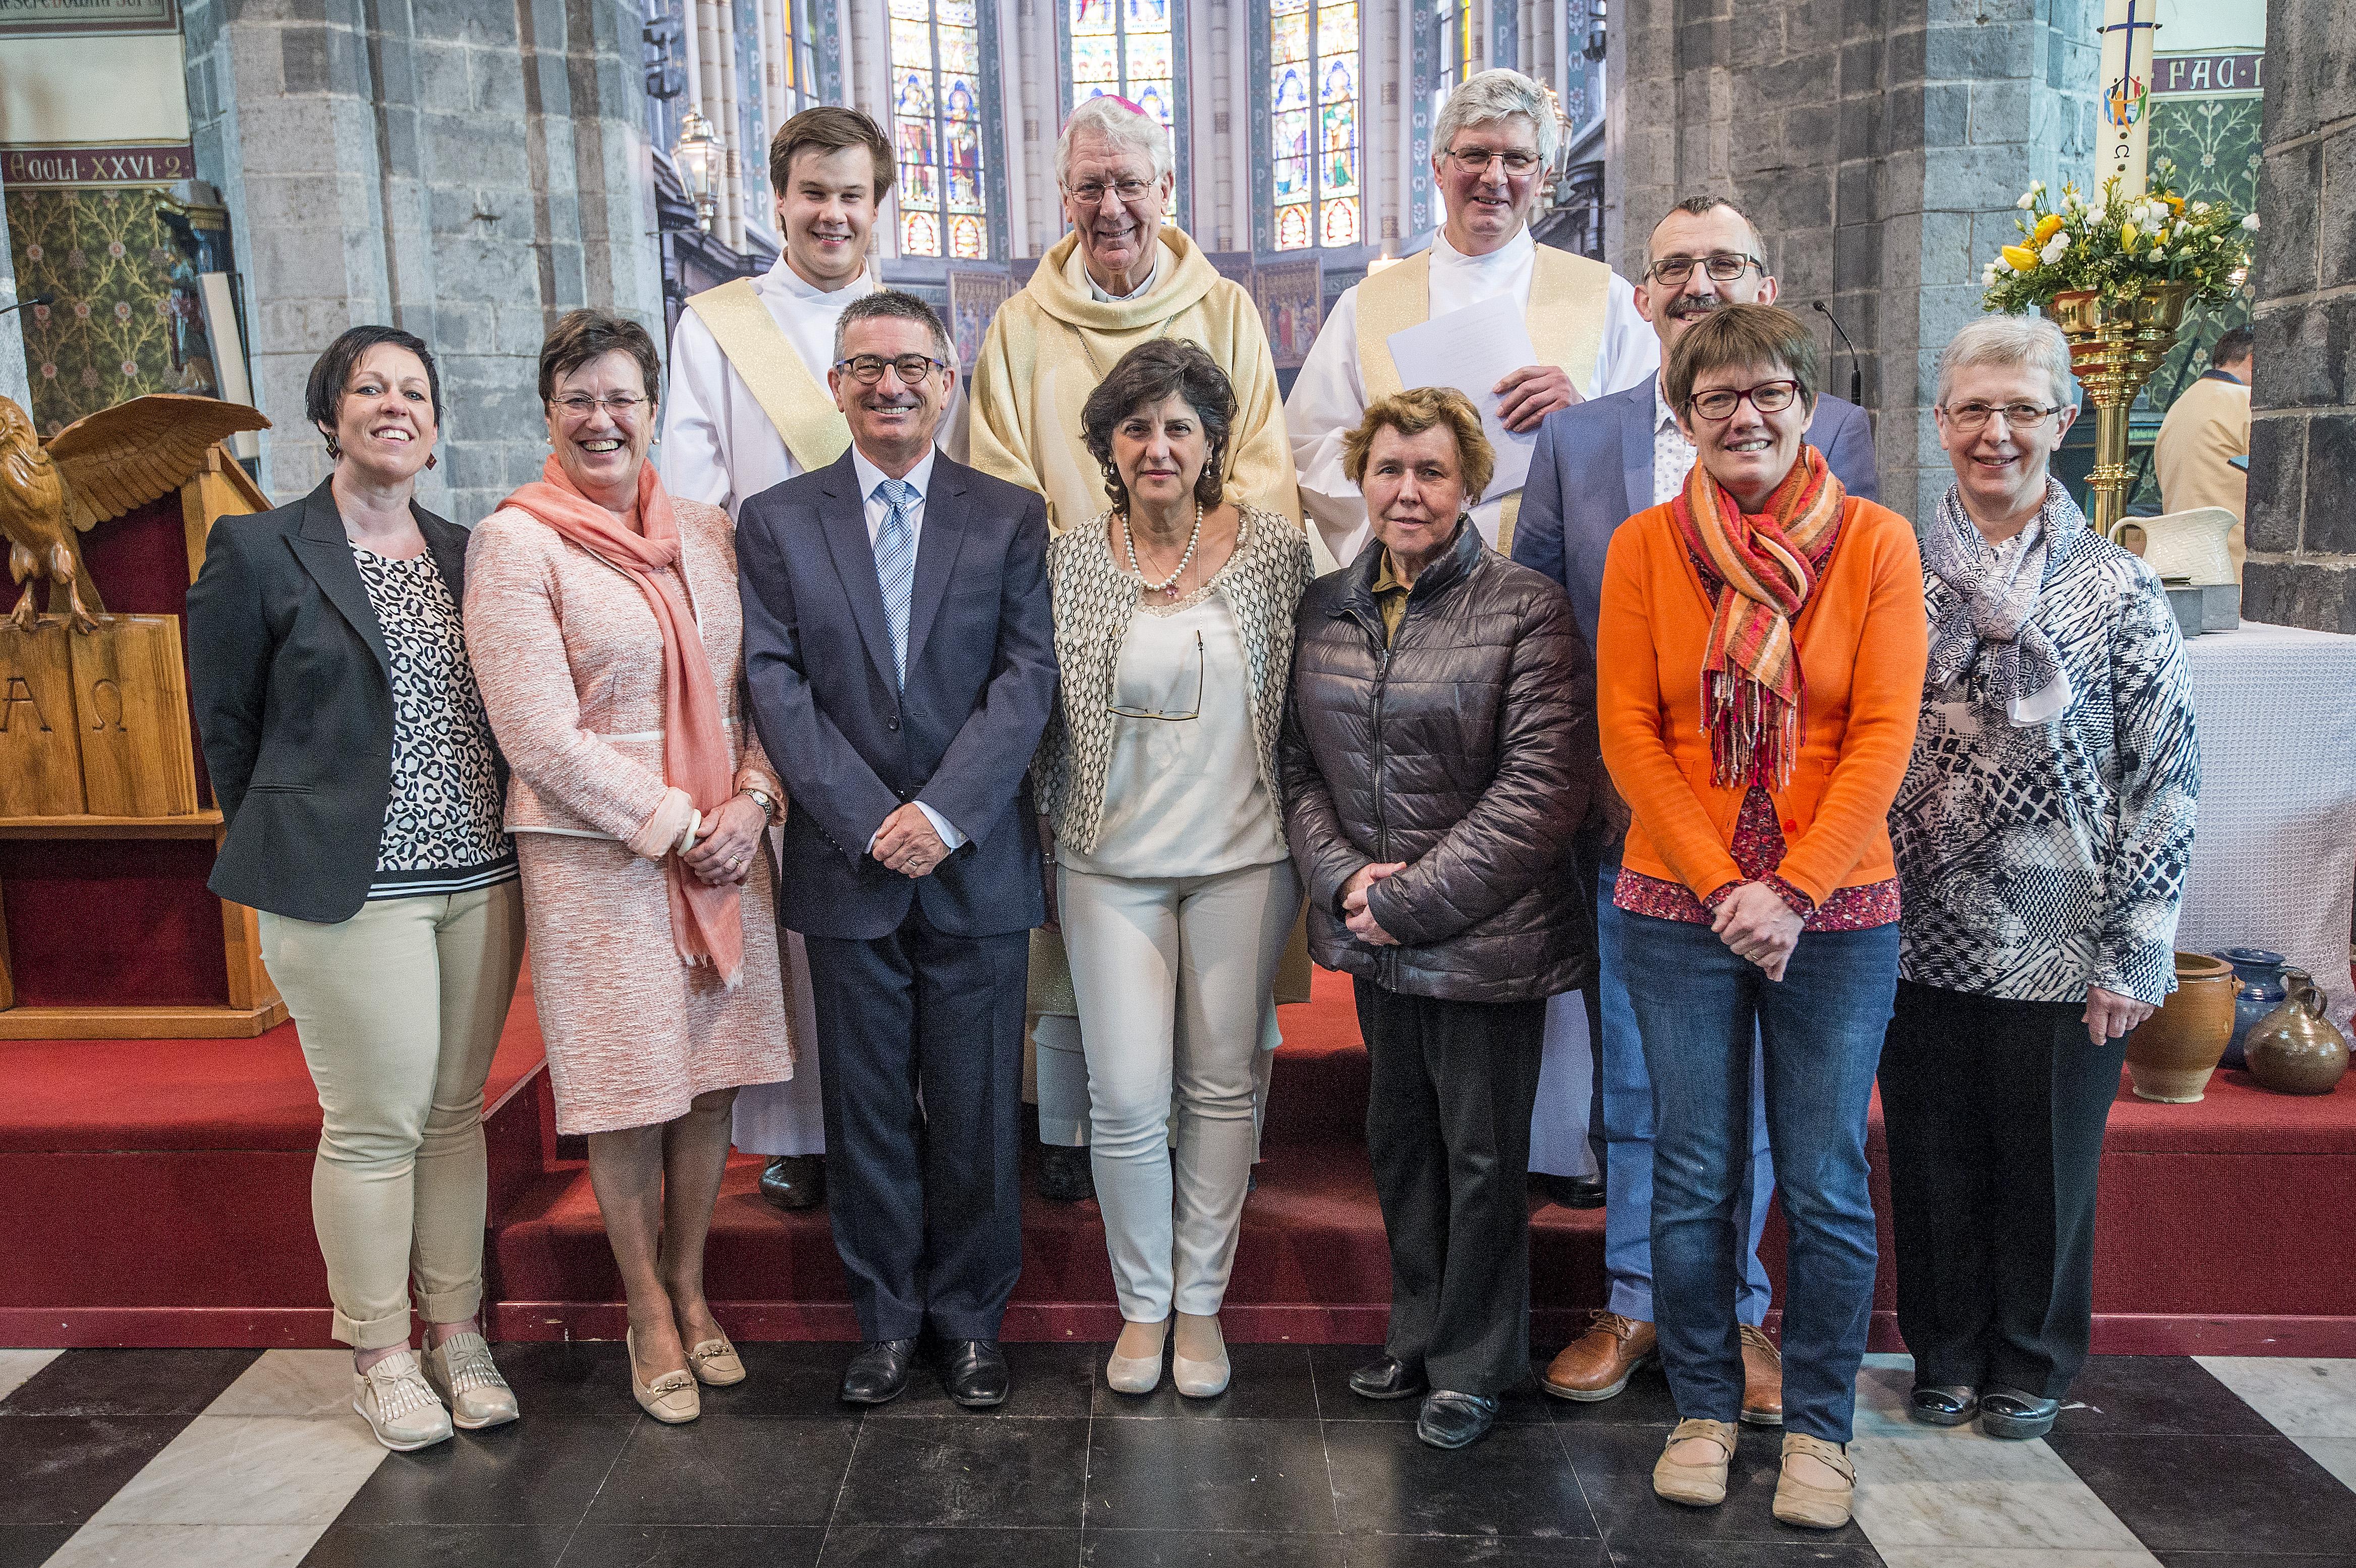 Voorstelling parochieploeg parochie in Deinze -  8 april 2018 © Bisdom Gent, foto: Frank Bahnmüller